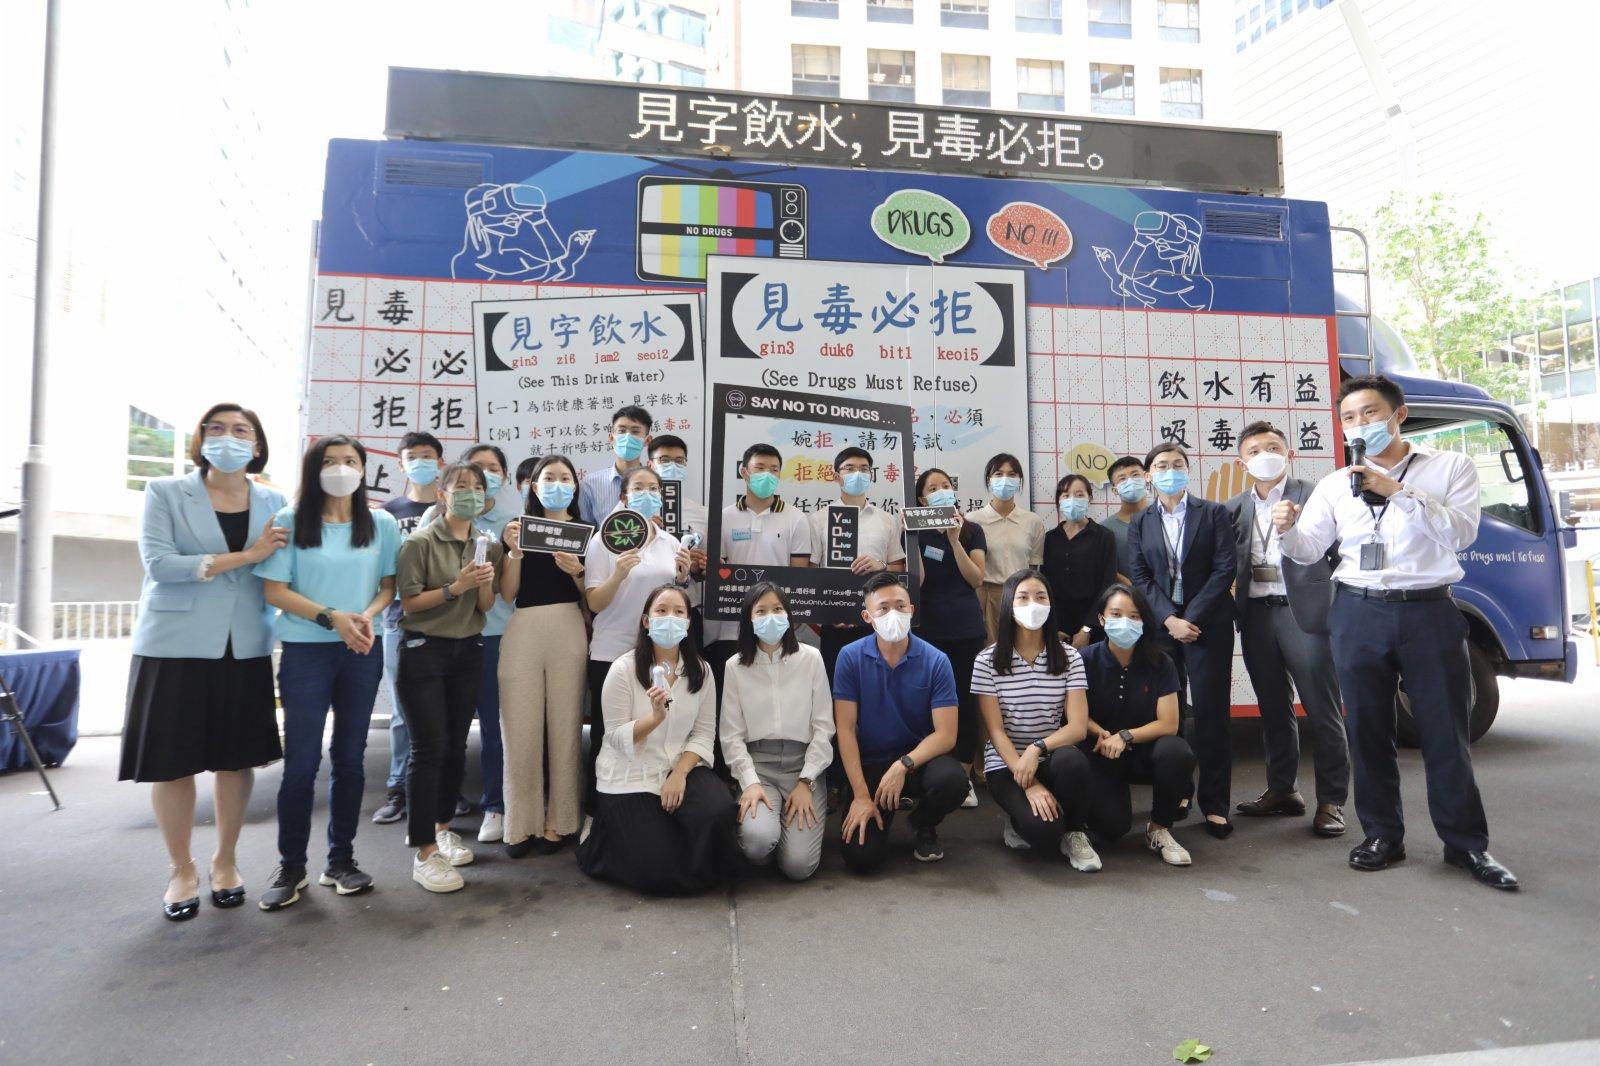 禁毒推廣車在6月13日至26日,會走訪全港各區向市民宣傳禁毒訊息。(大公文匯全媒體記者李斯哲攝)